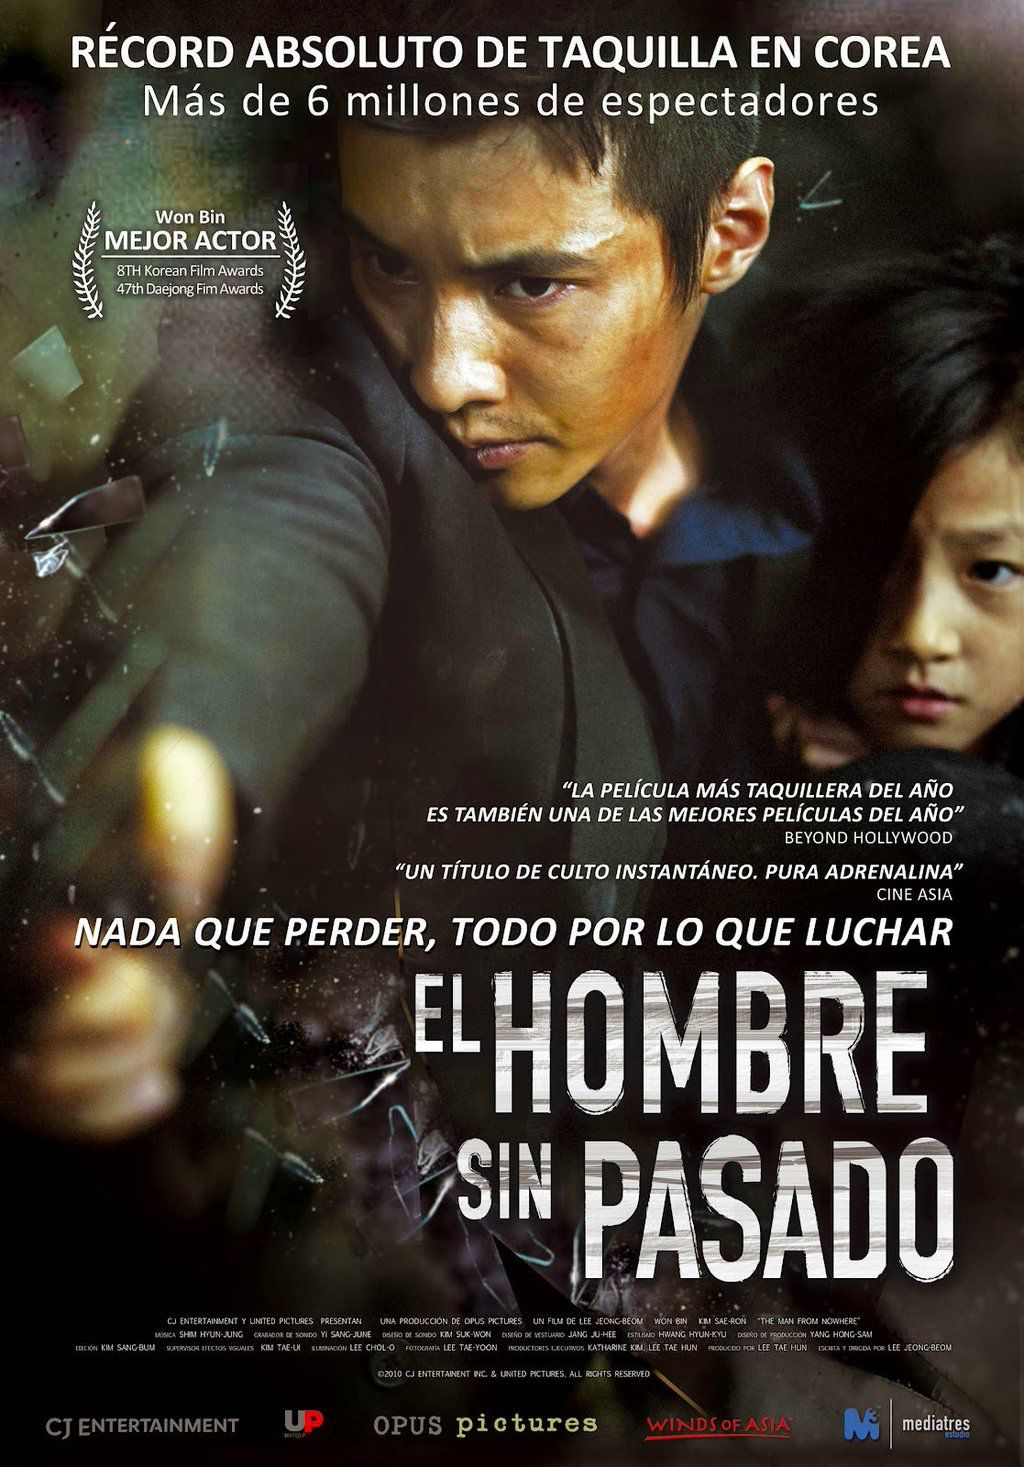 Pin By Roberto On Carteles De Cine I Movie Drama Movies This Man